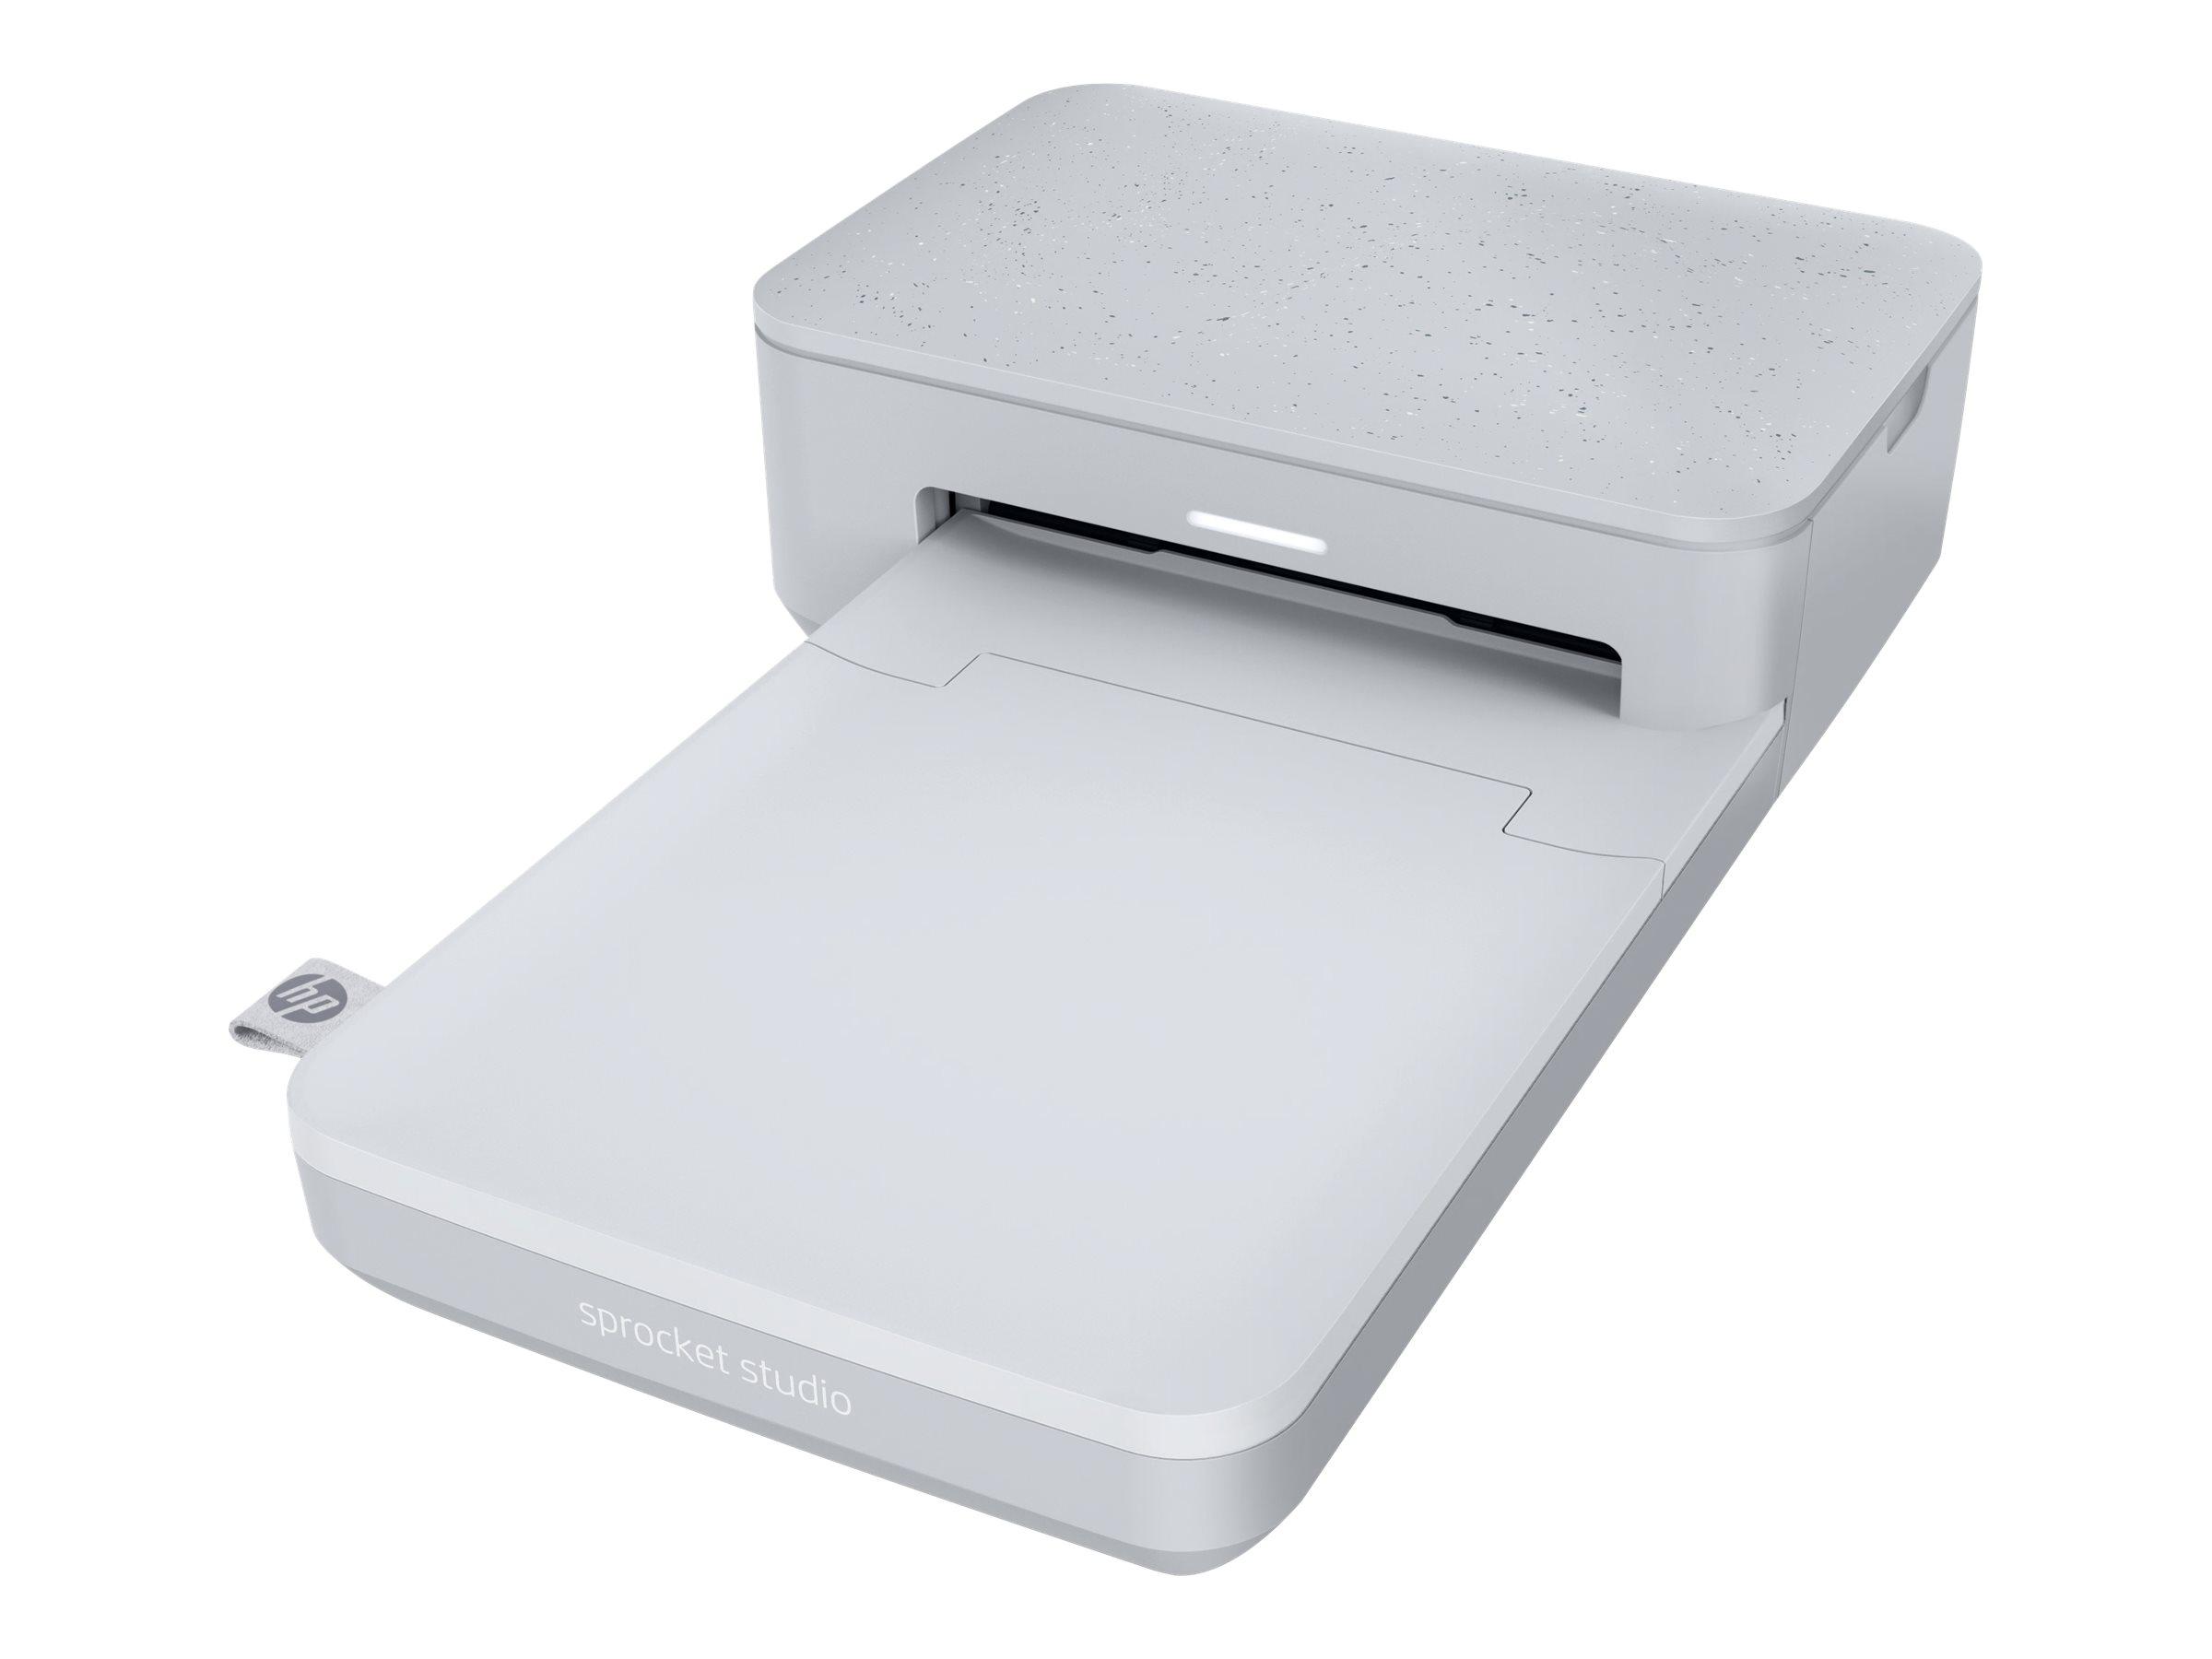 HP Sprocket Studio - Drucker - Farbe - Thermosublimation - 100 x 150 mm - 300 dpi - bis zu 1.02 Min./Seite (einfarbig)/